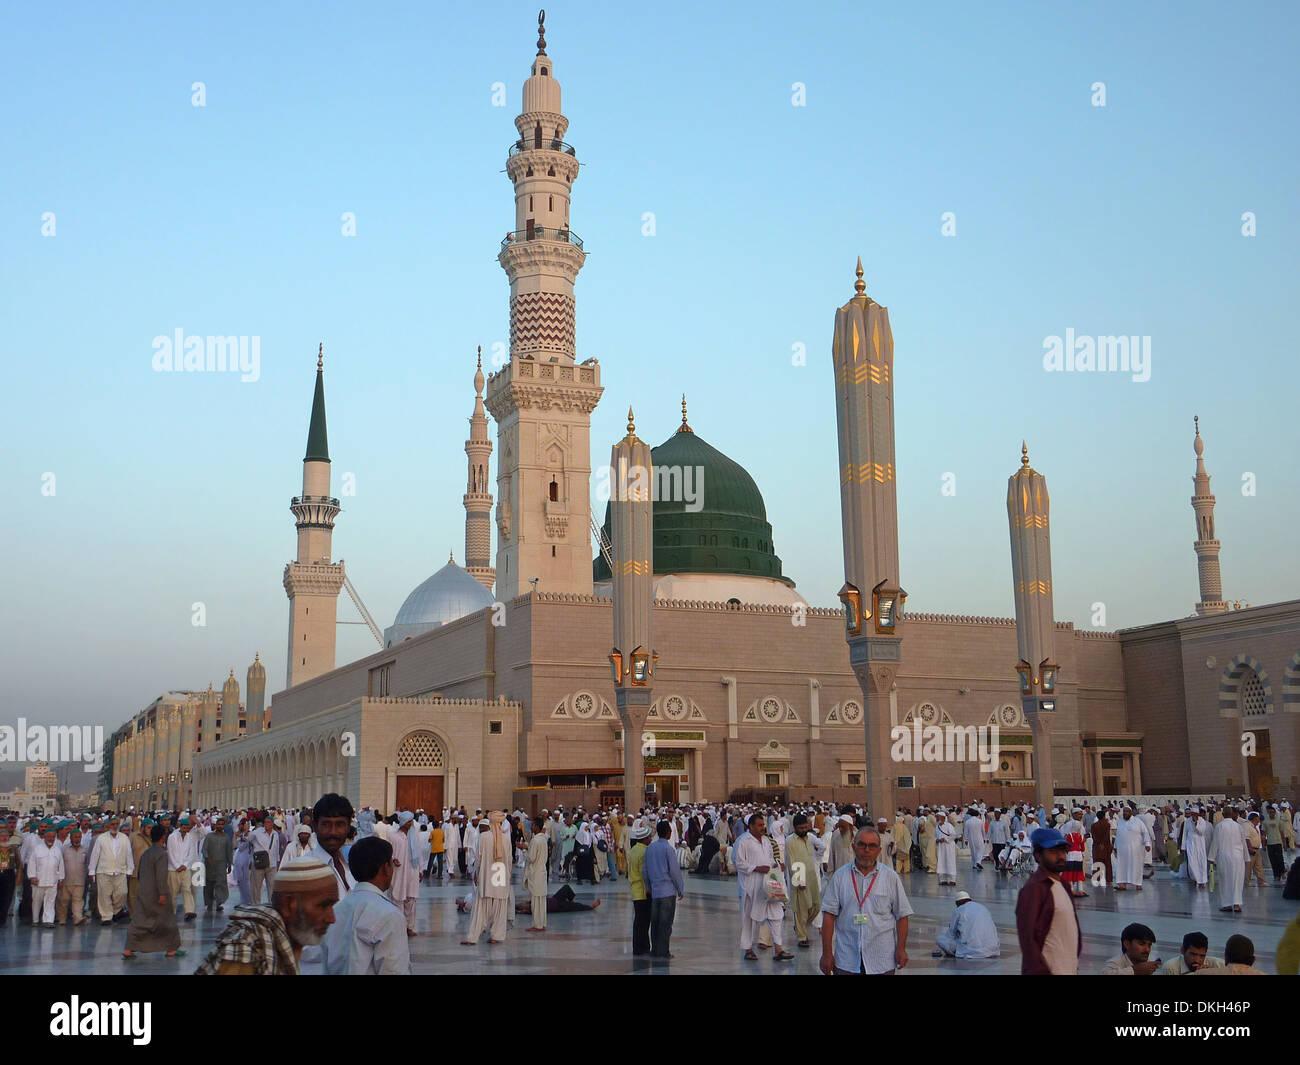 Les musulmans se sont réunis pour le culte mosquée Nabawi, Médine, Arabie Saoudite Photo Stock